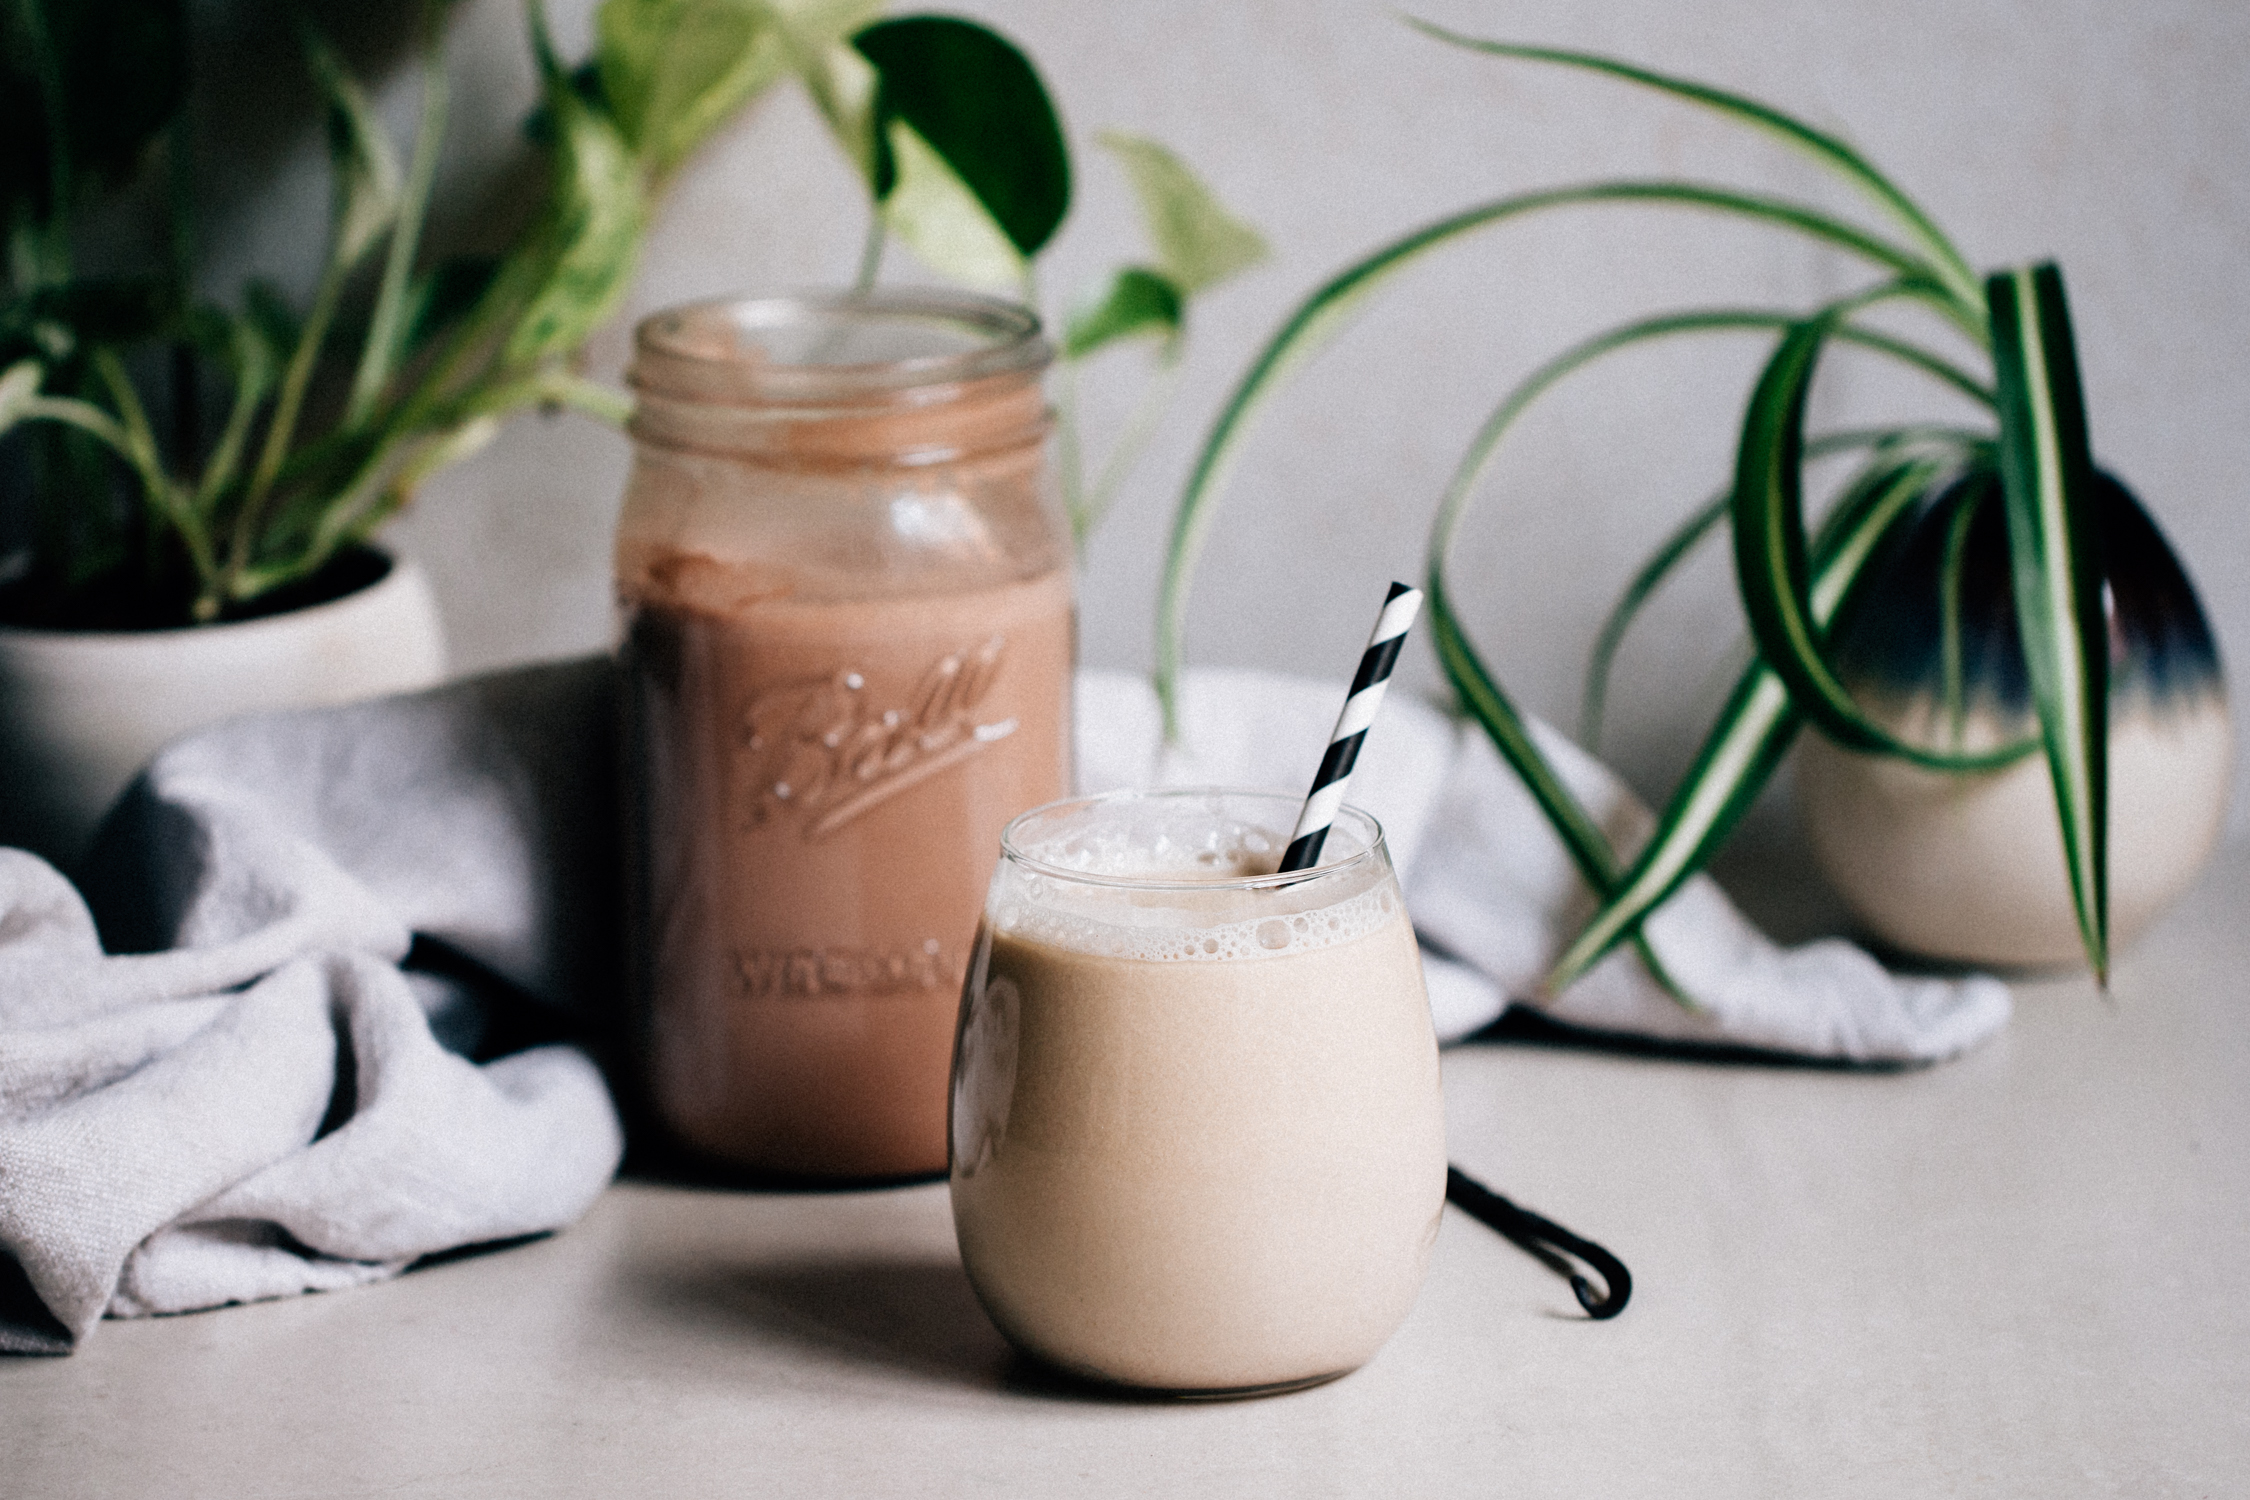 Maca oat milk